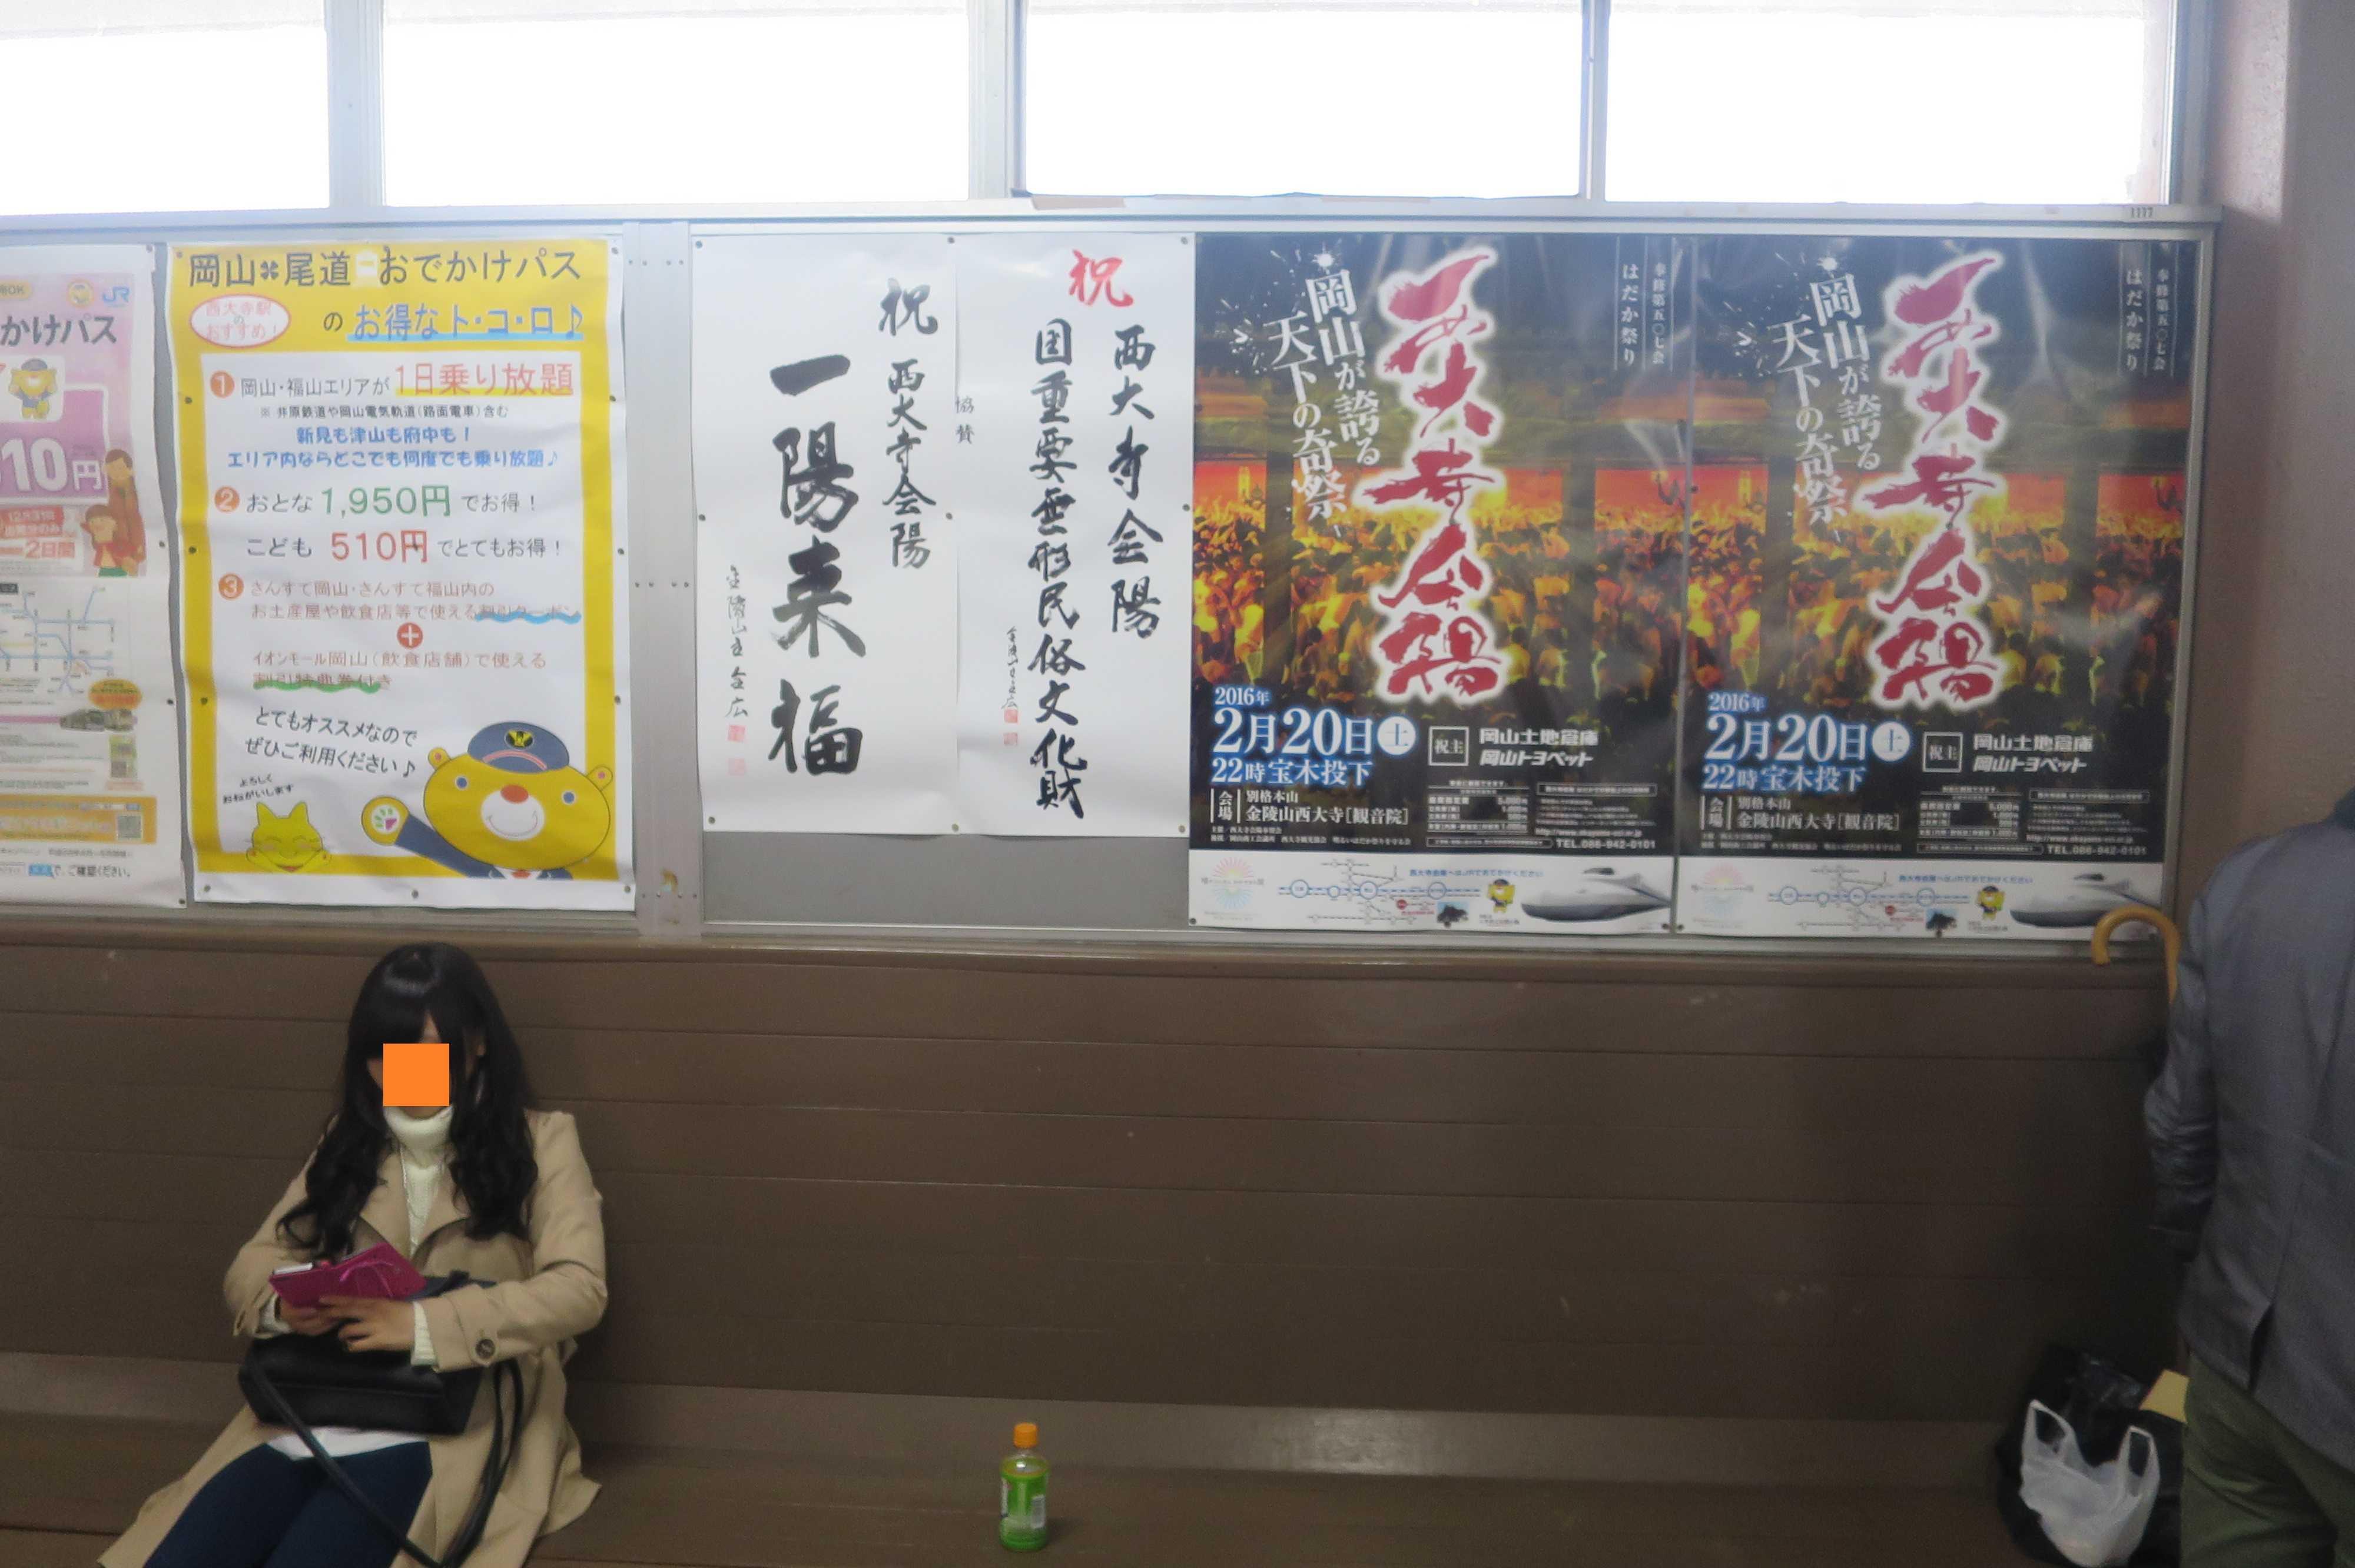 西大寺駅の駅舎内の西大寺会陽ポスター